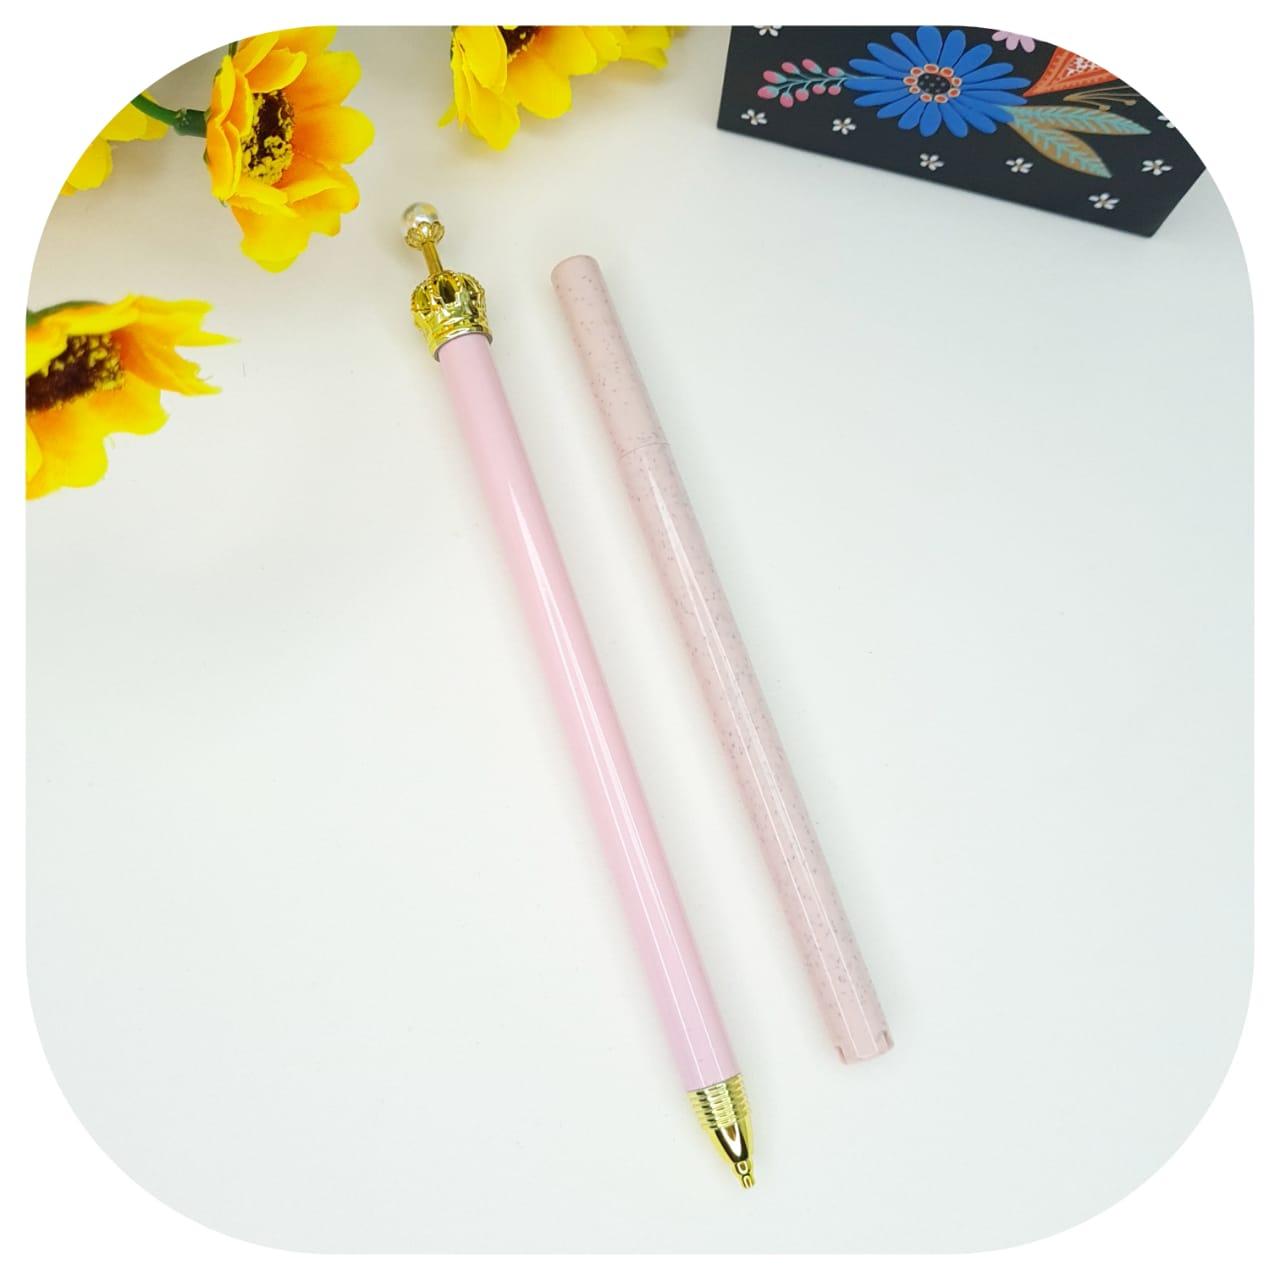 Lapiseira luxo 0.7mm - Coroa + Grafite